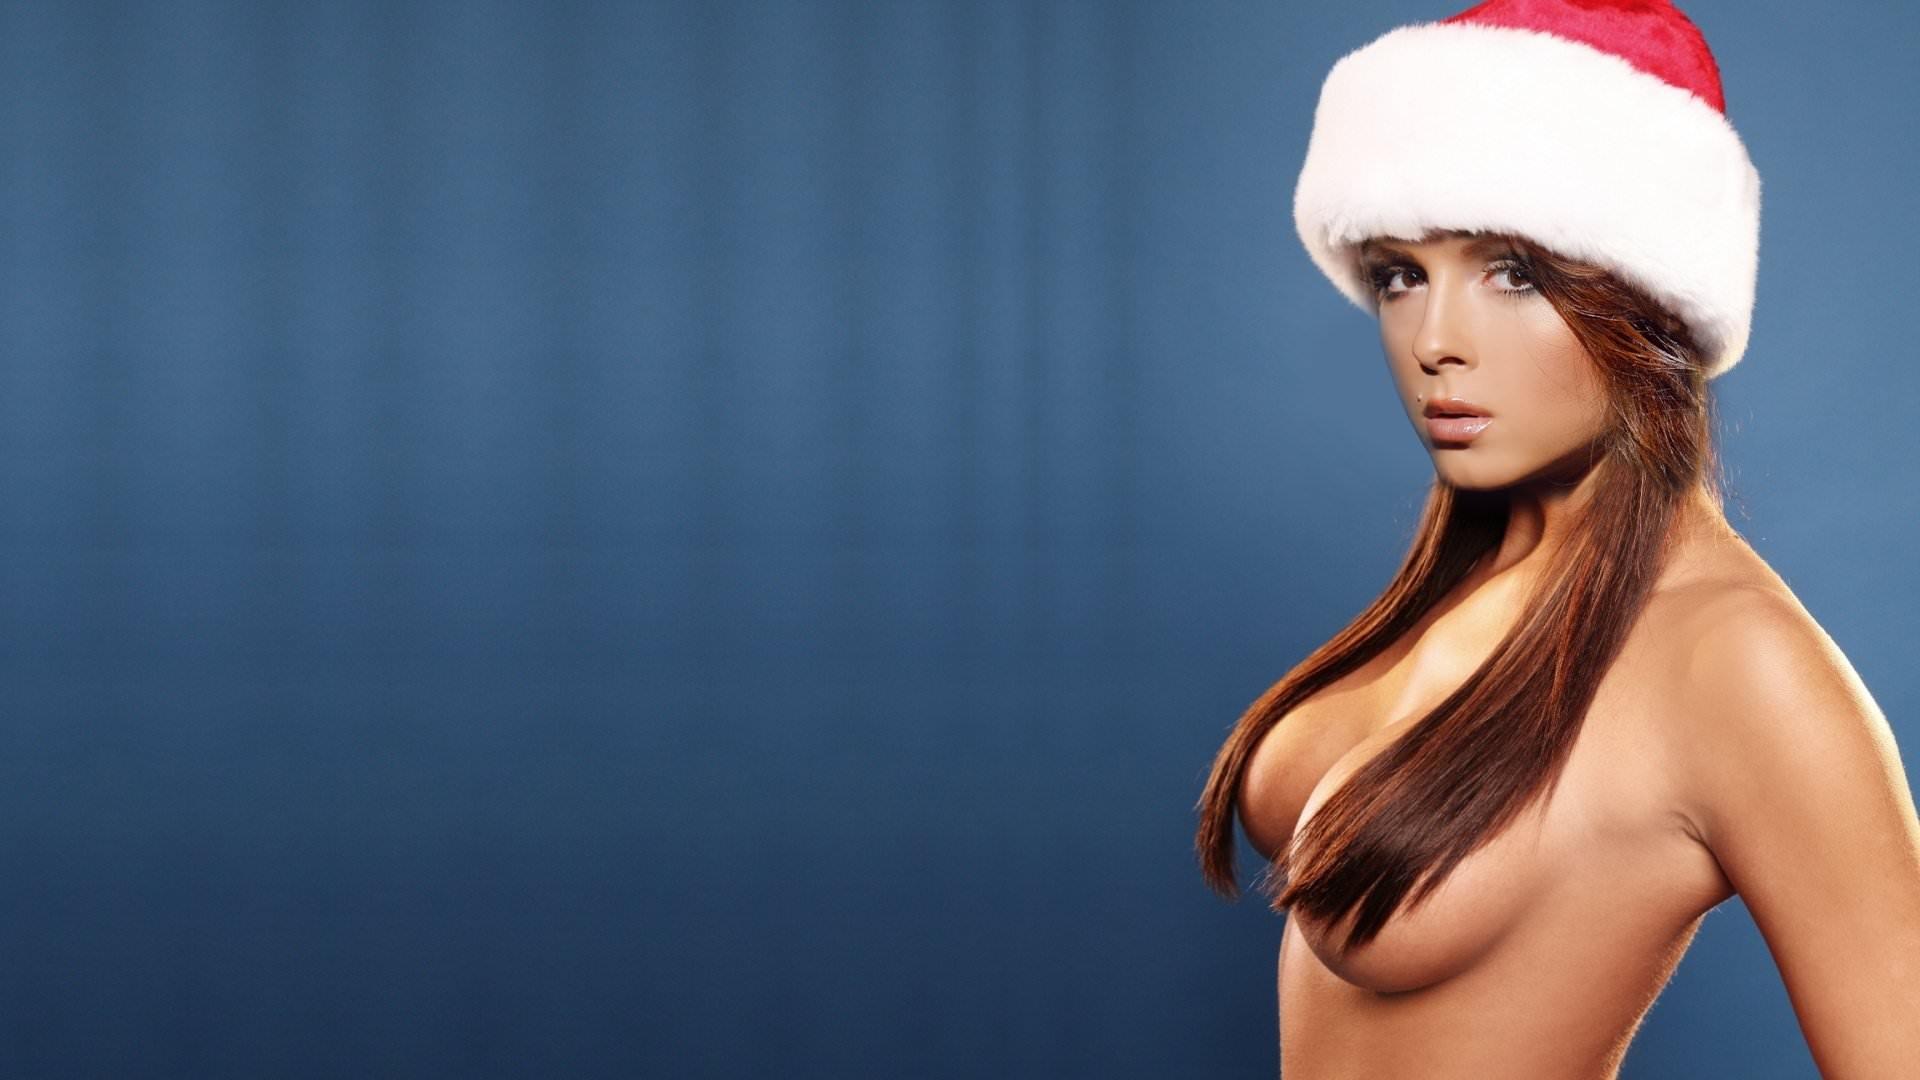 Фото Сексуальная Нюша в новогодней красной шапке, волосы на голых сиськах. Sexy young girl in a New Year's cap, hair on tits, sexy, dark blue background, скачать картинку бесплатно